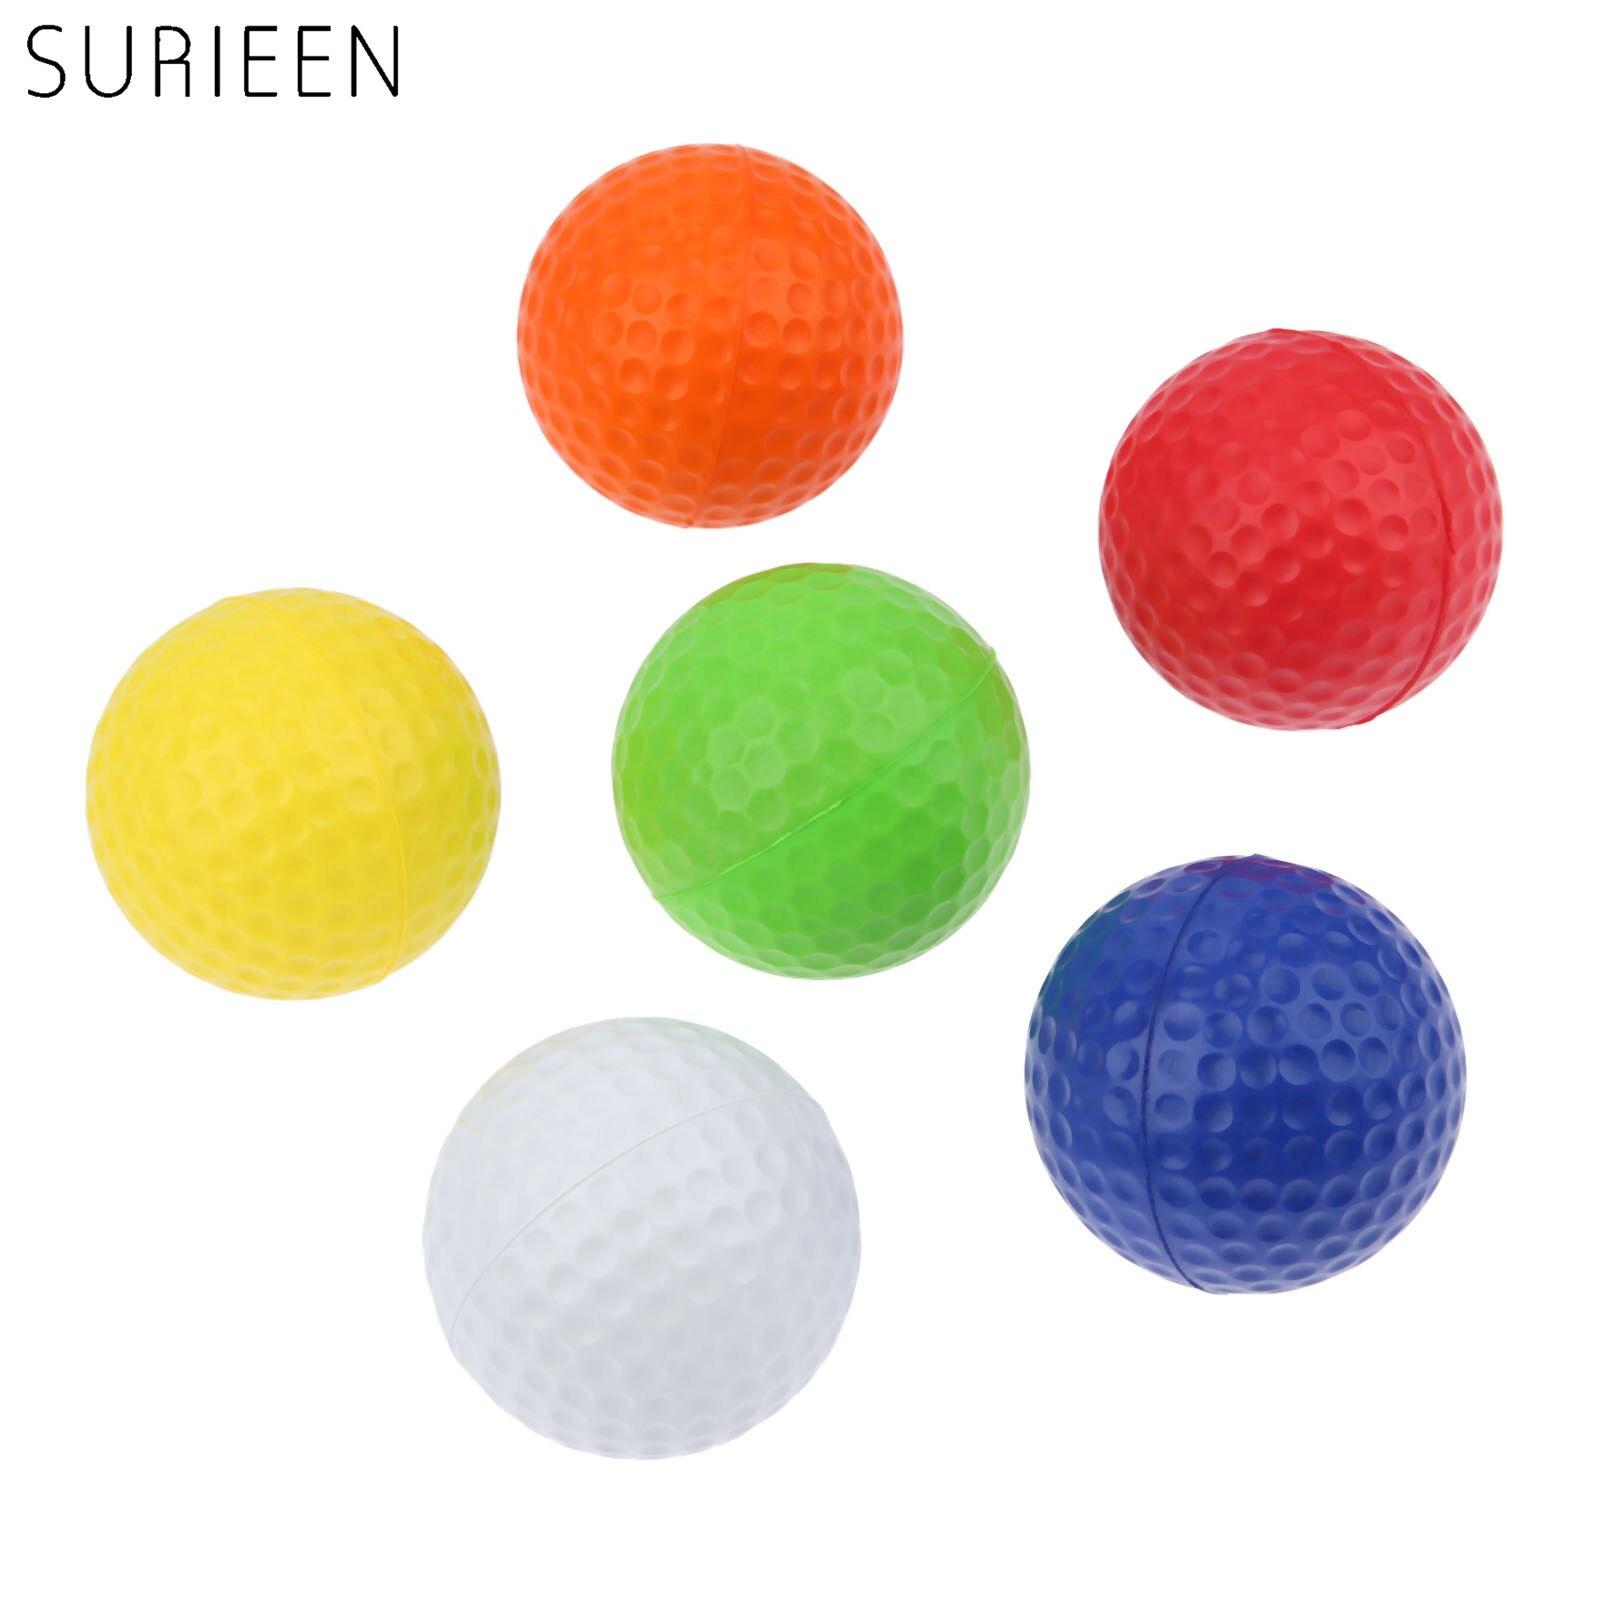 SURIEEN 20Pcs Indoor Sponge Golf Practice Balls Light Foam Golf Balls Outdoor Sport Sponge Golf Training Balls 6 Colors PU Balls